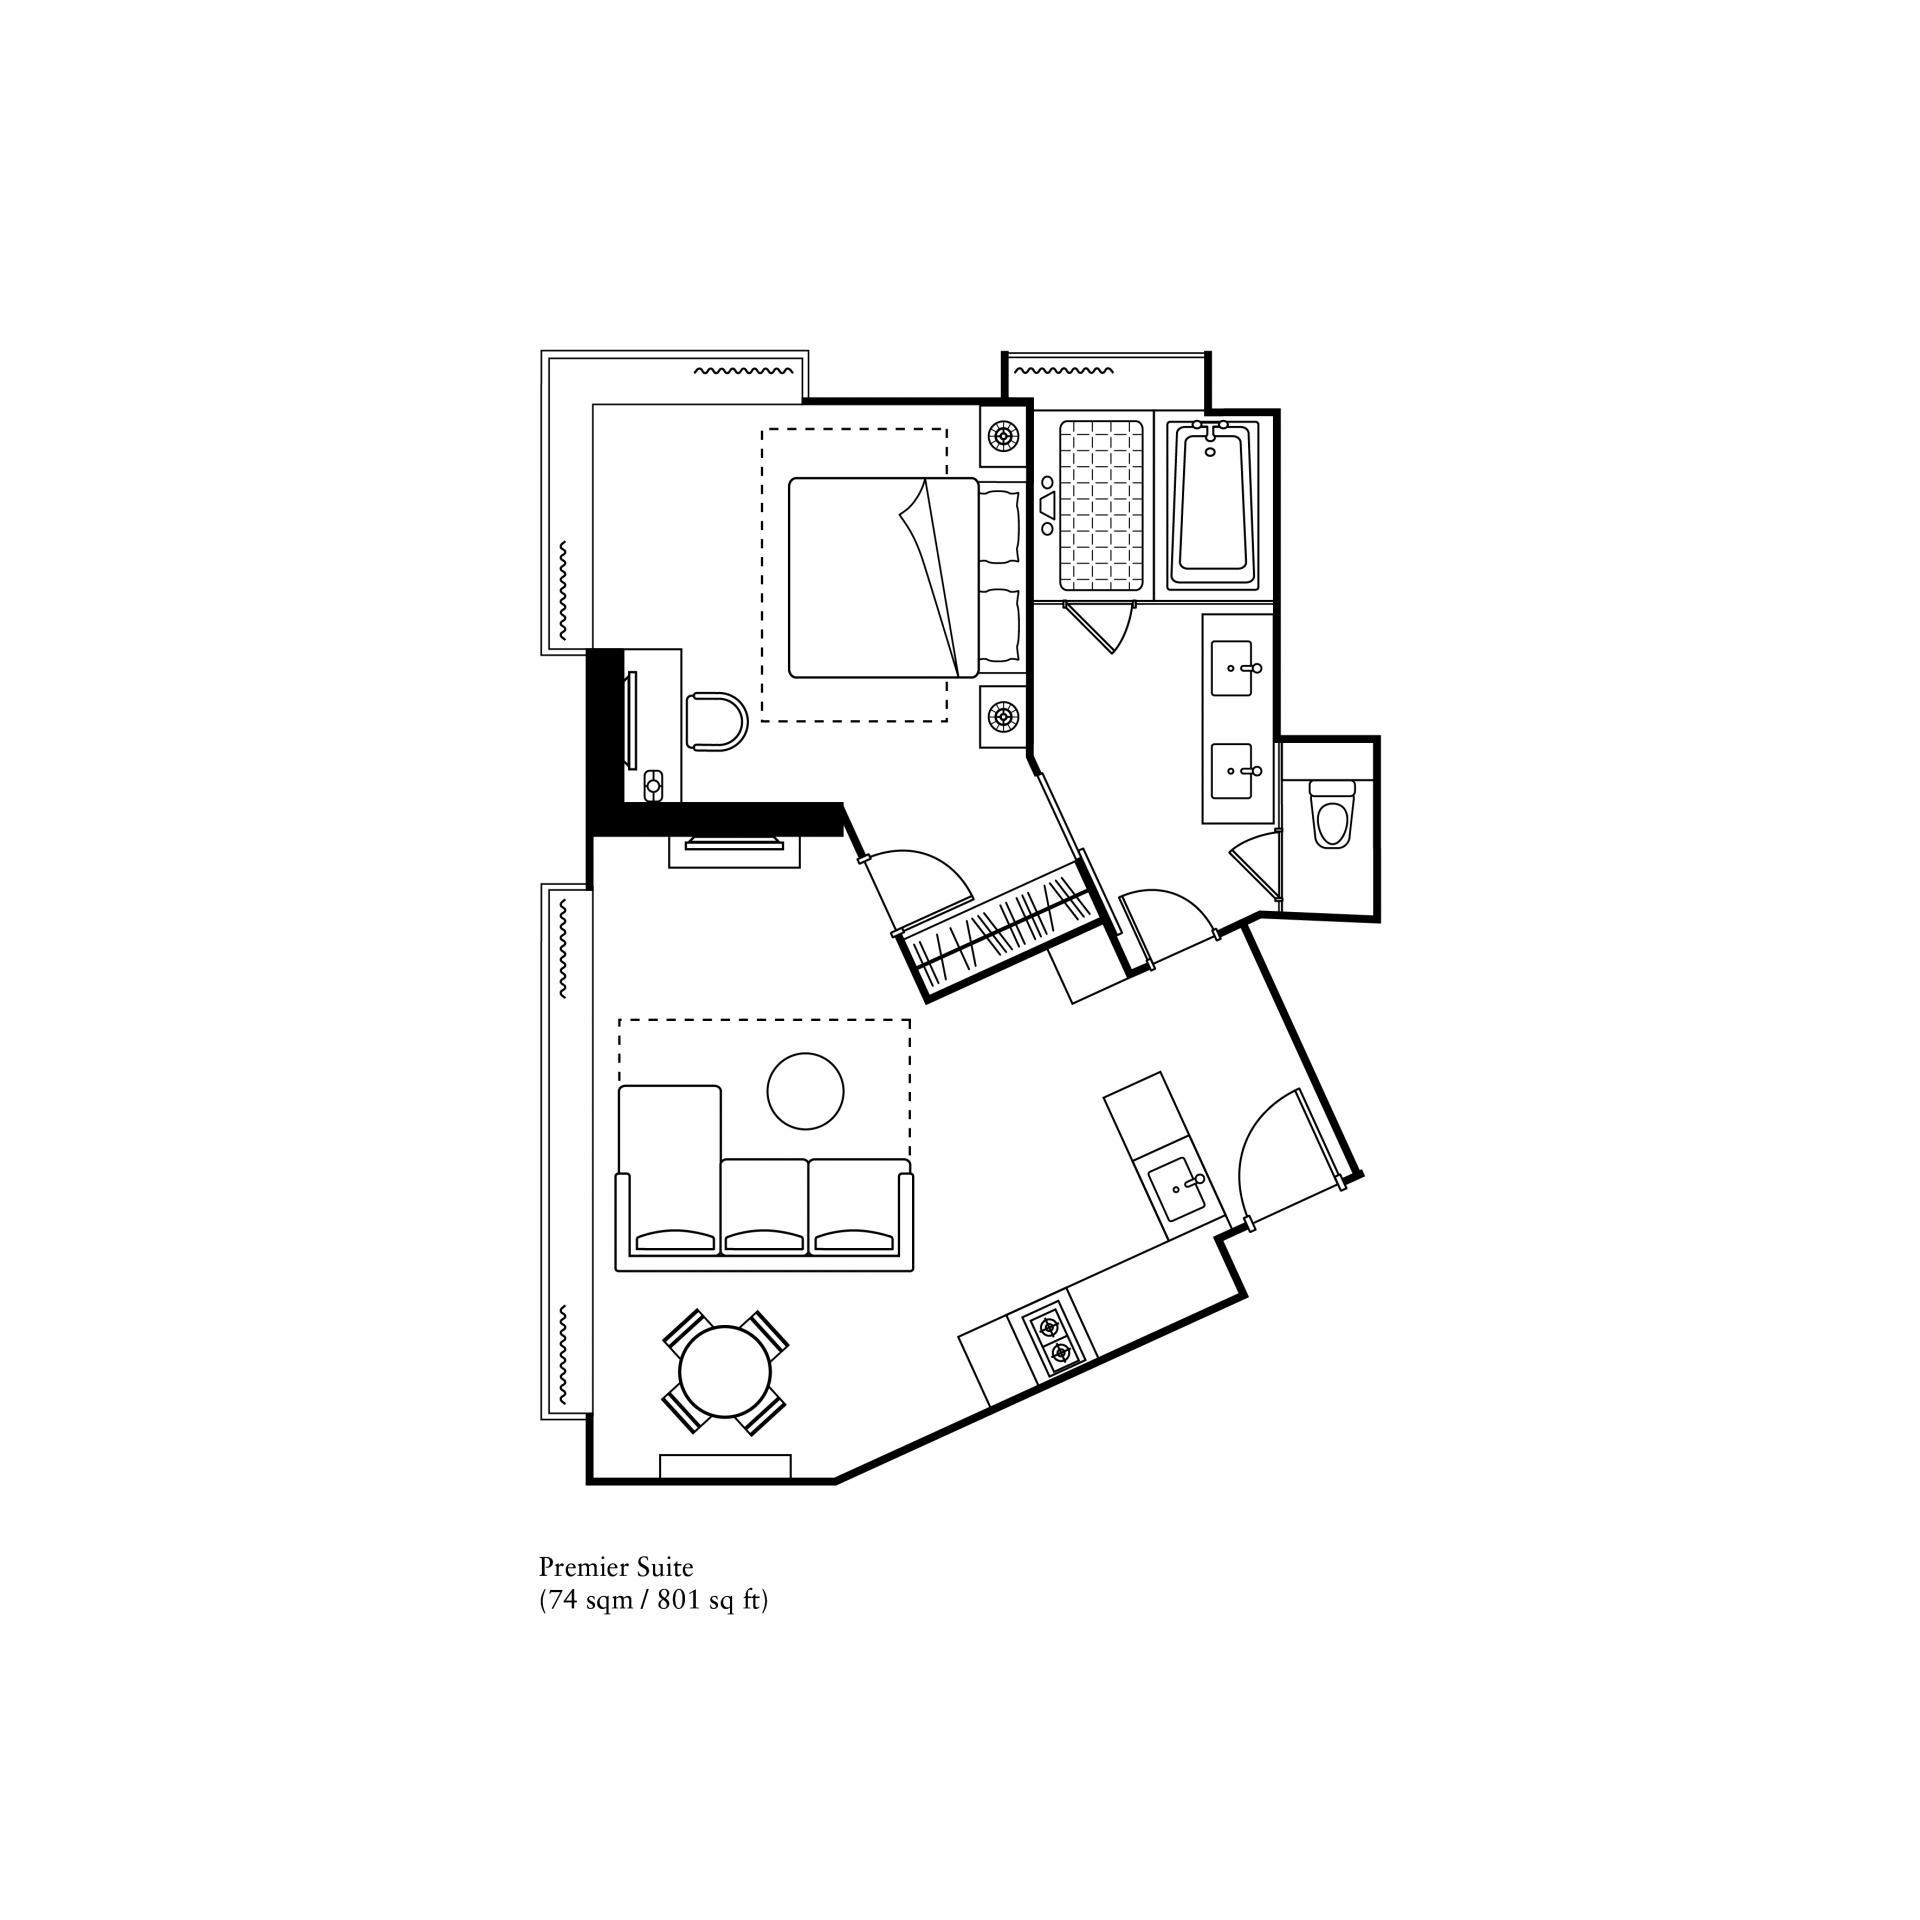 Premier suite at Ascott Macau Apartments